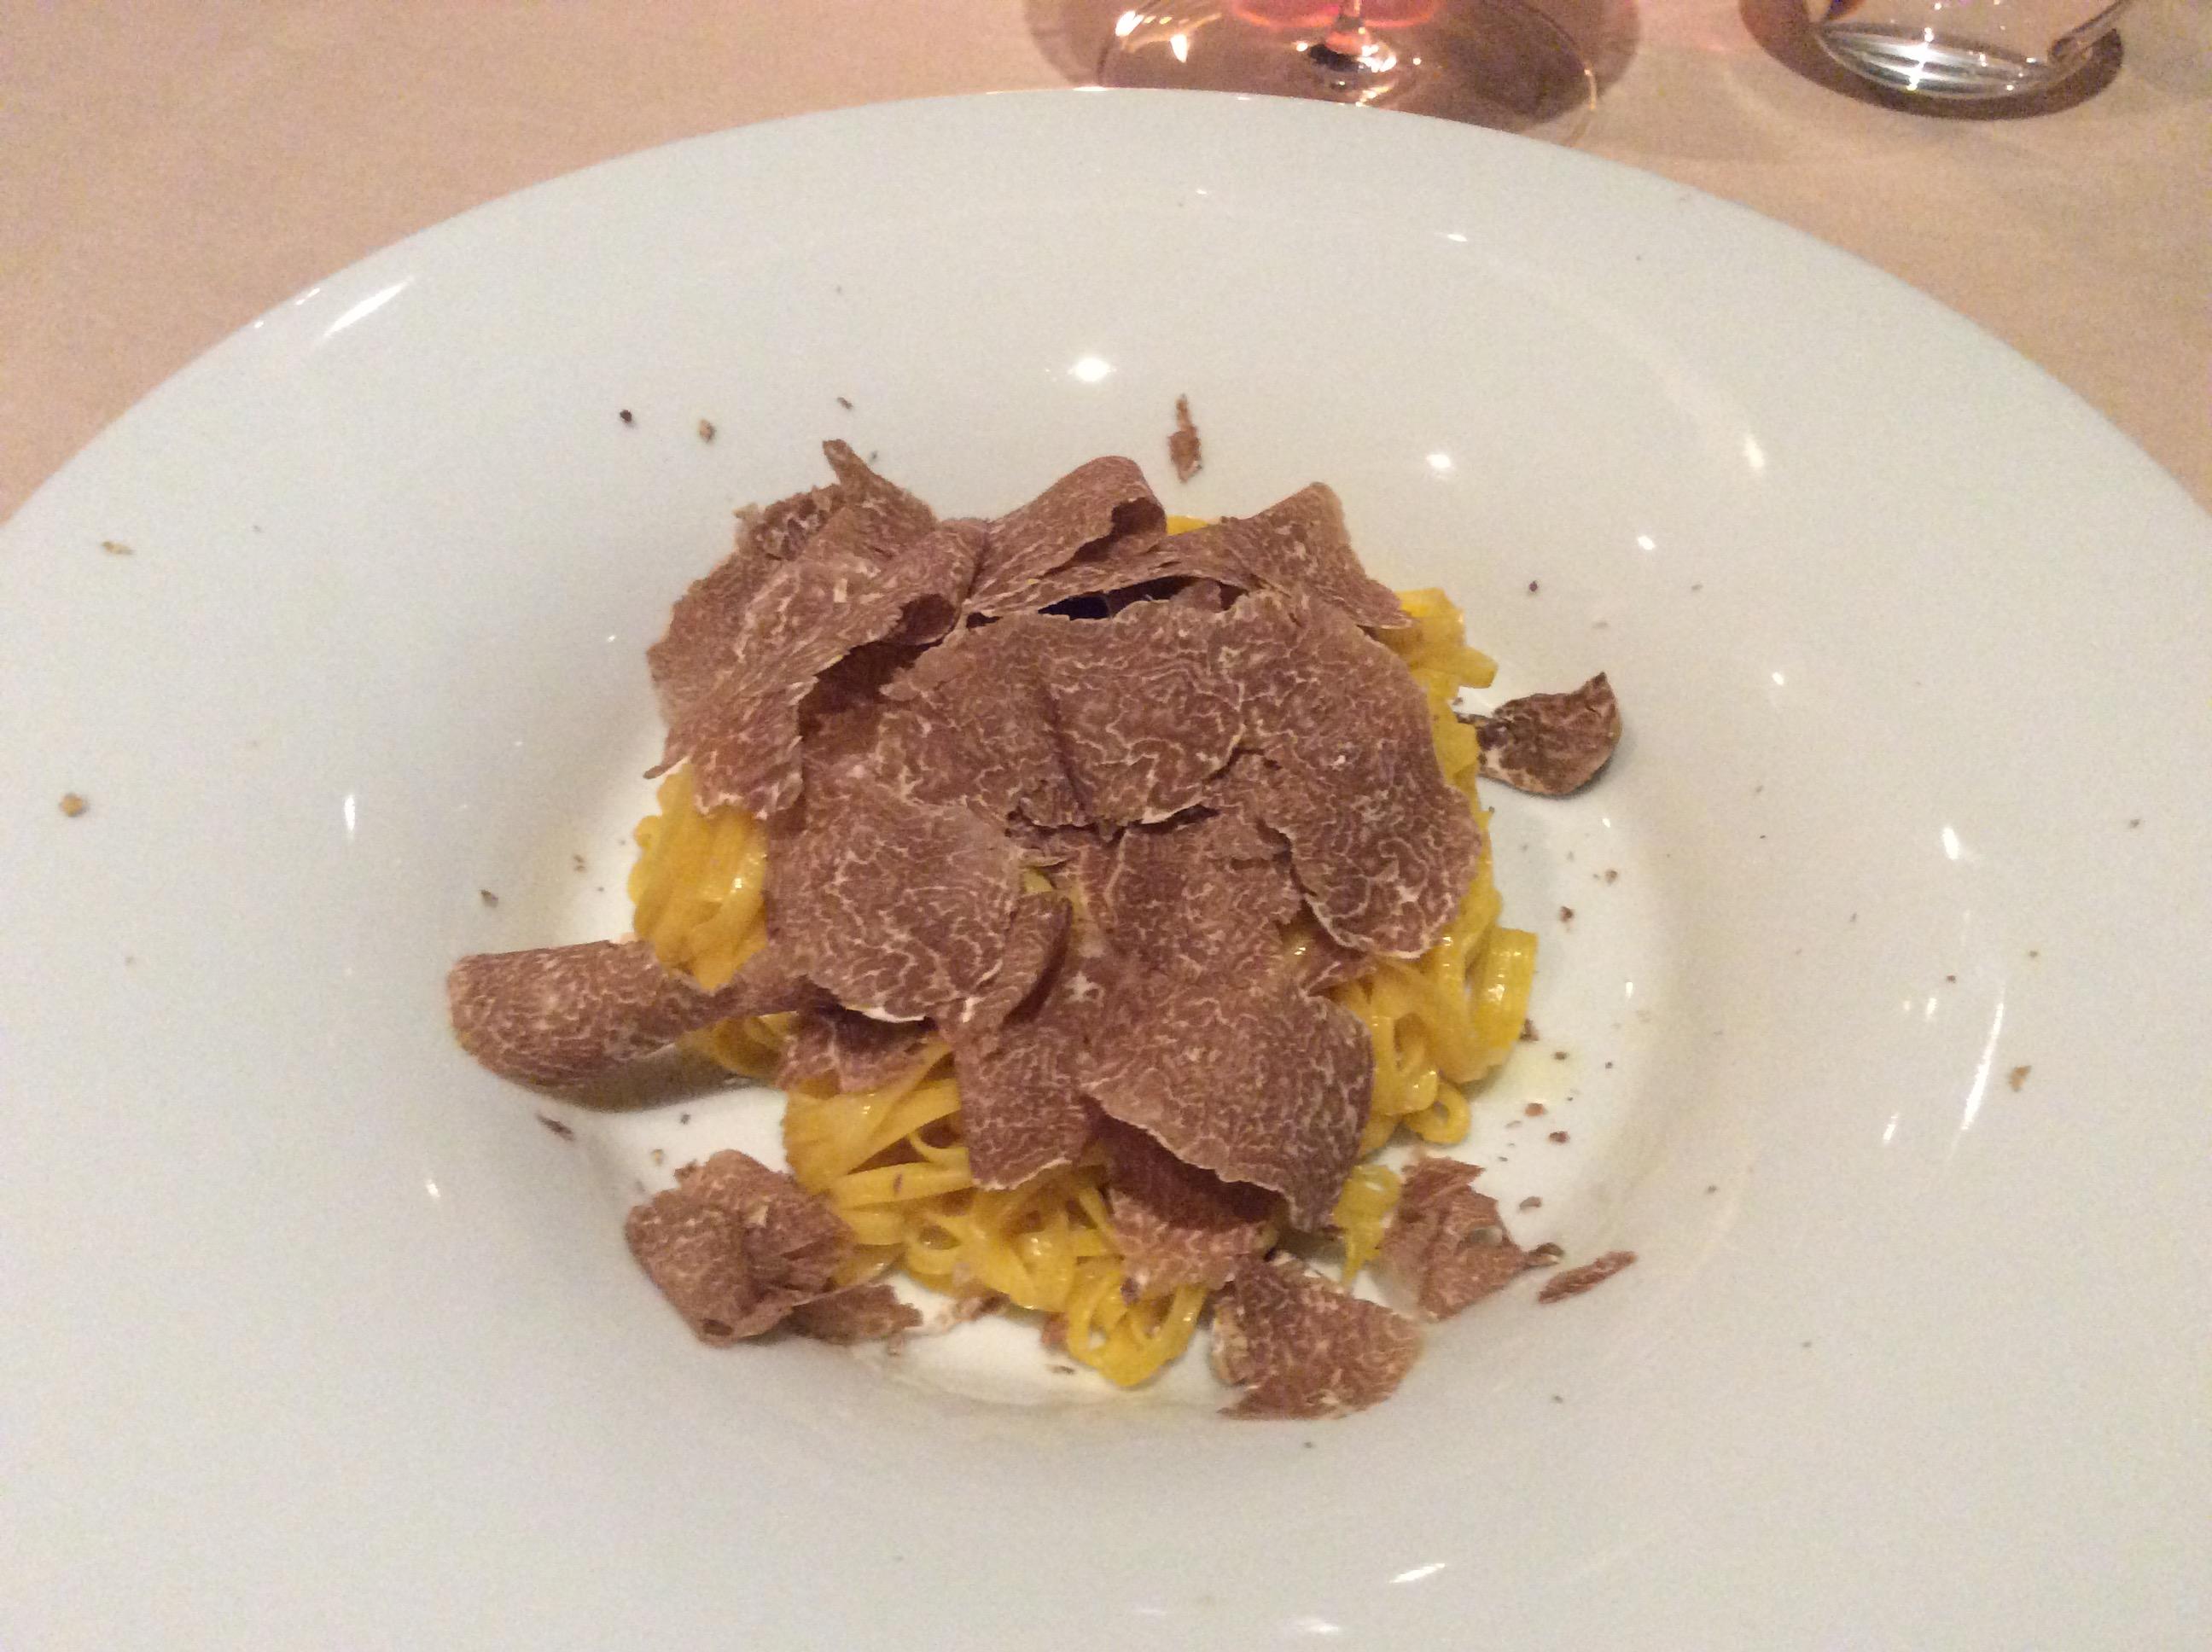 http://gourmet-italian.com/391.JPG